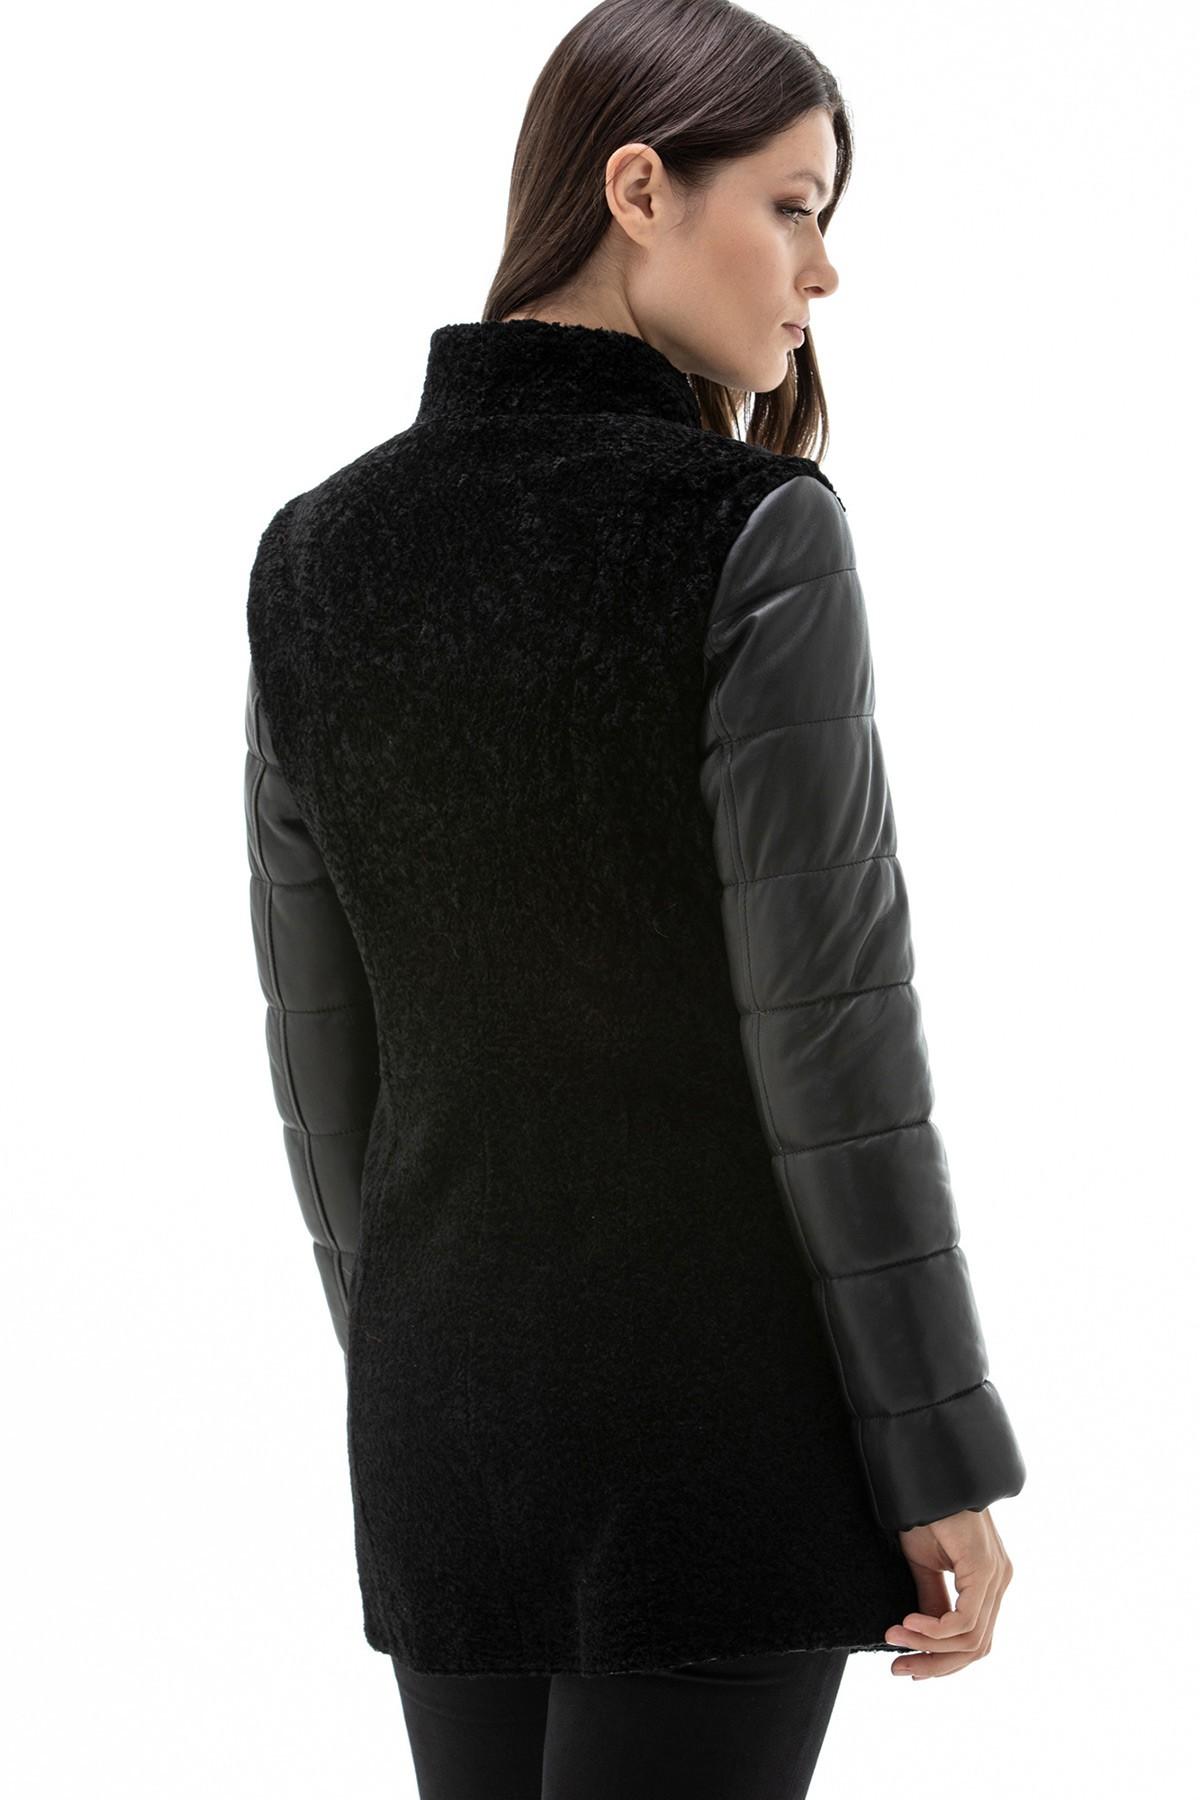 Gigi Hadid Black Leather Jacket